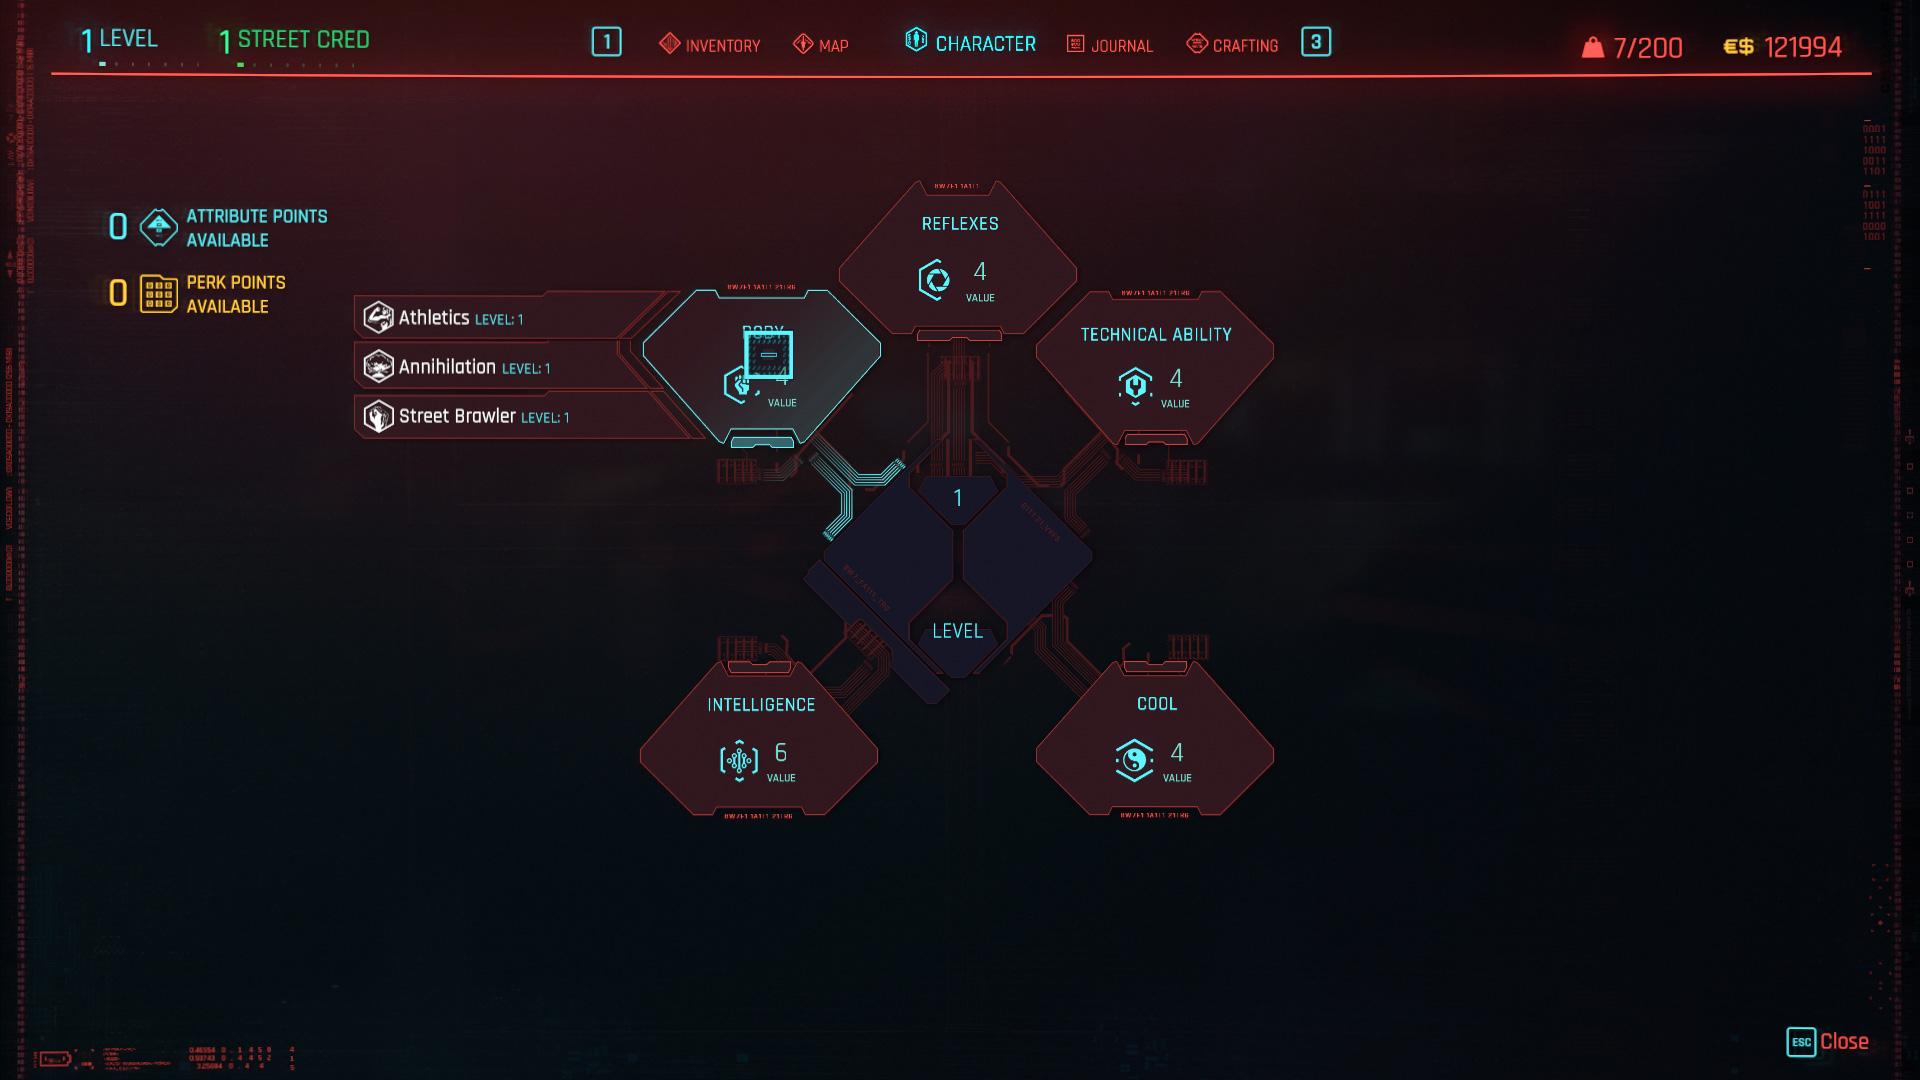 Quels sont les meilleurs attributs de Cyberpunk 2077?